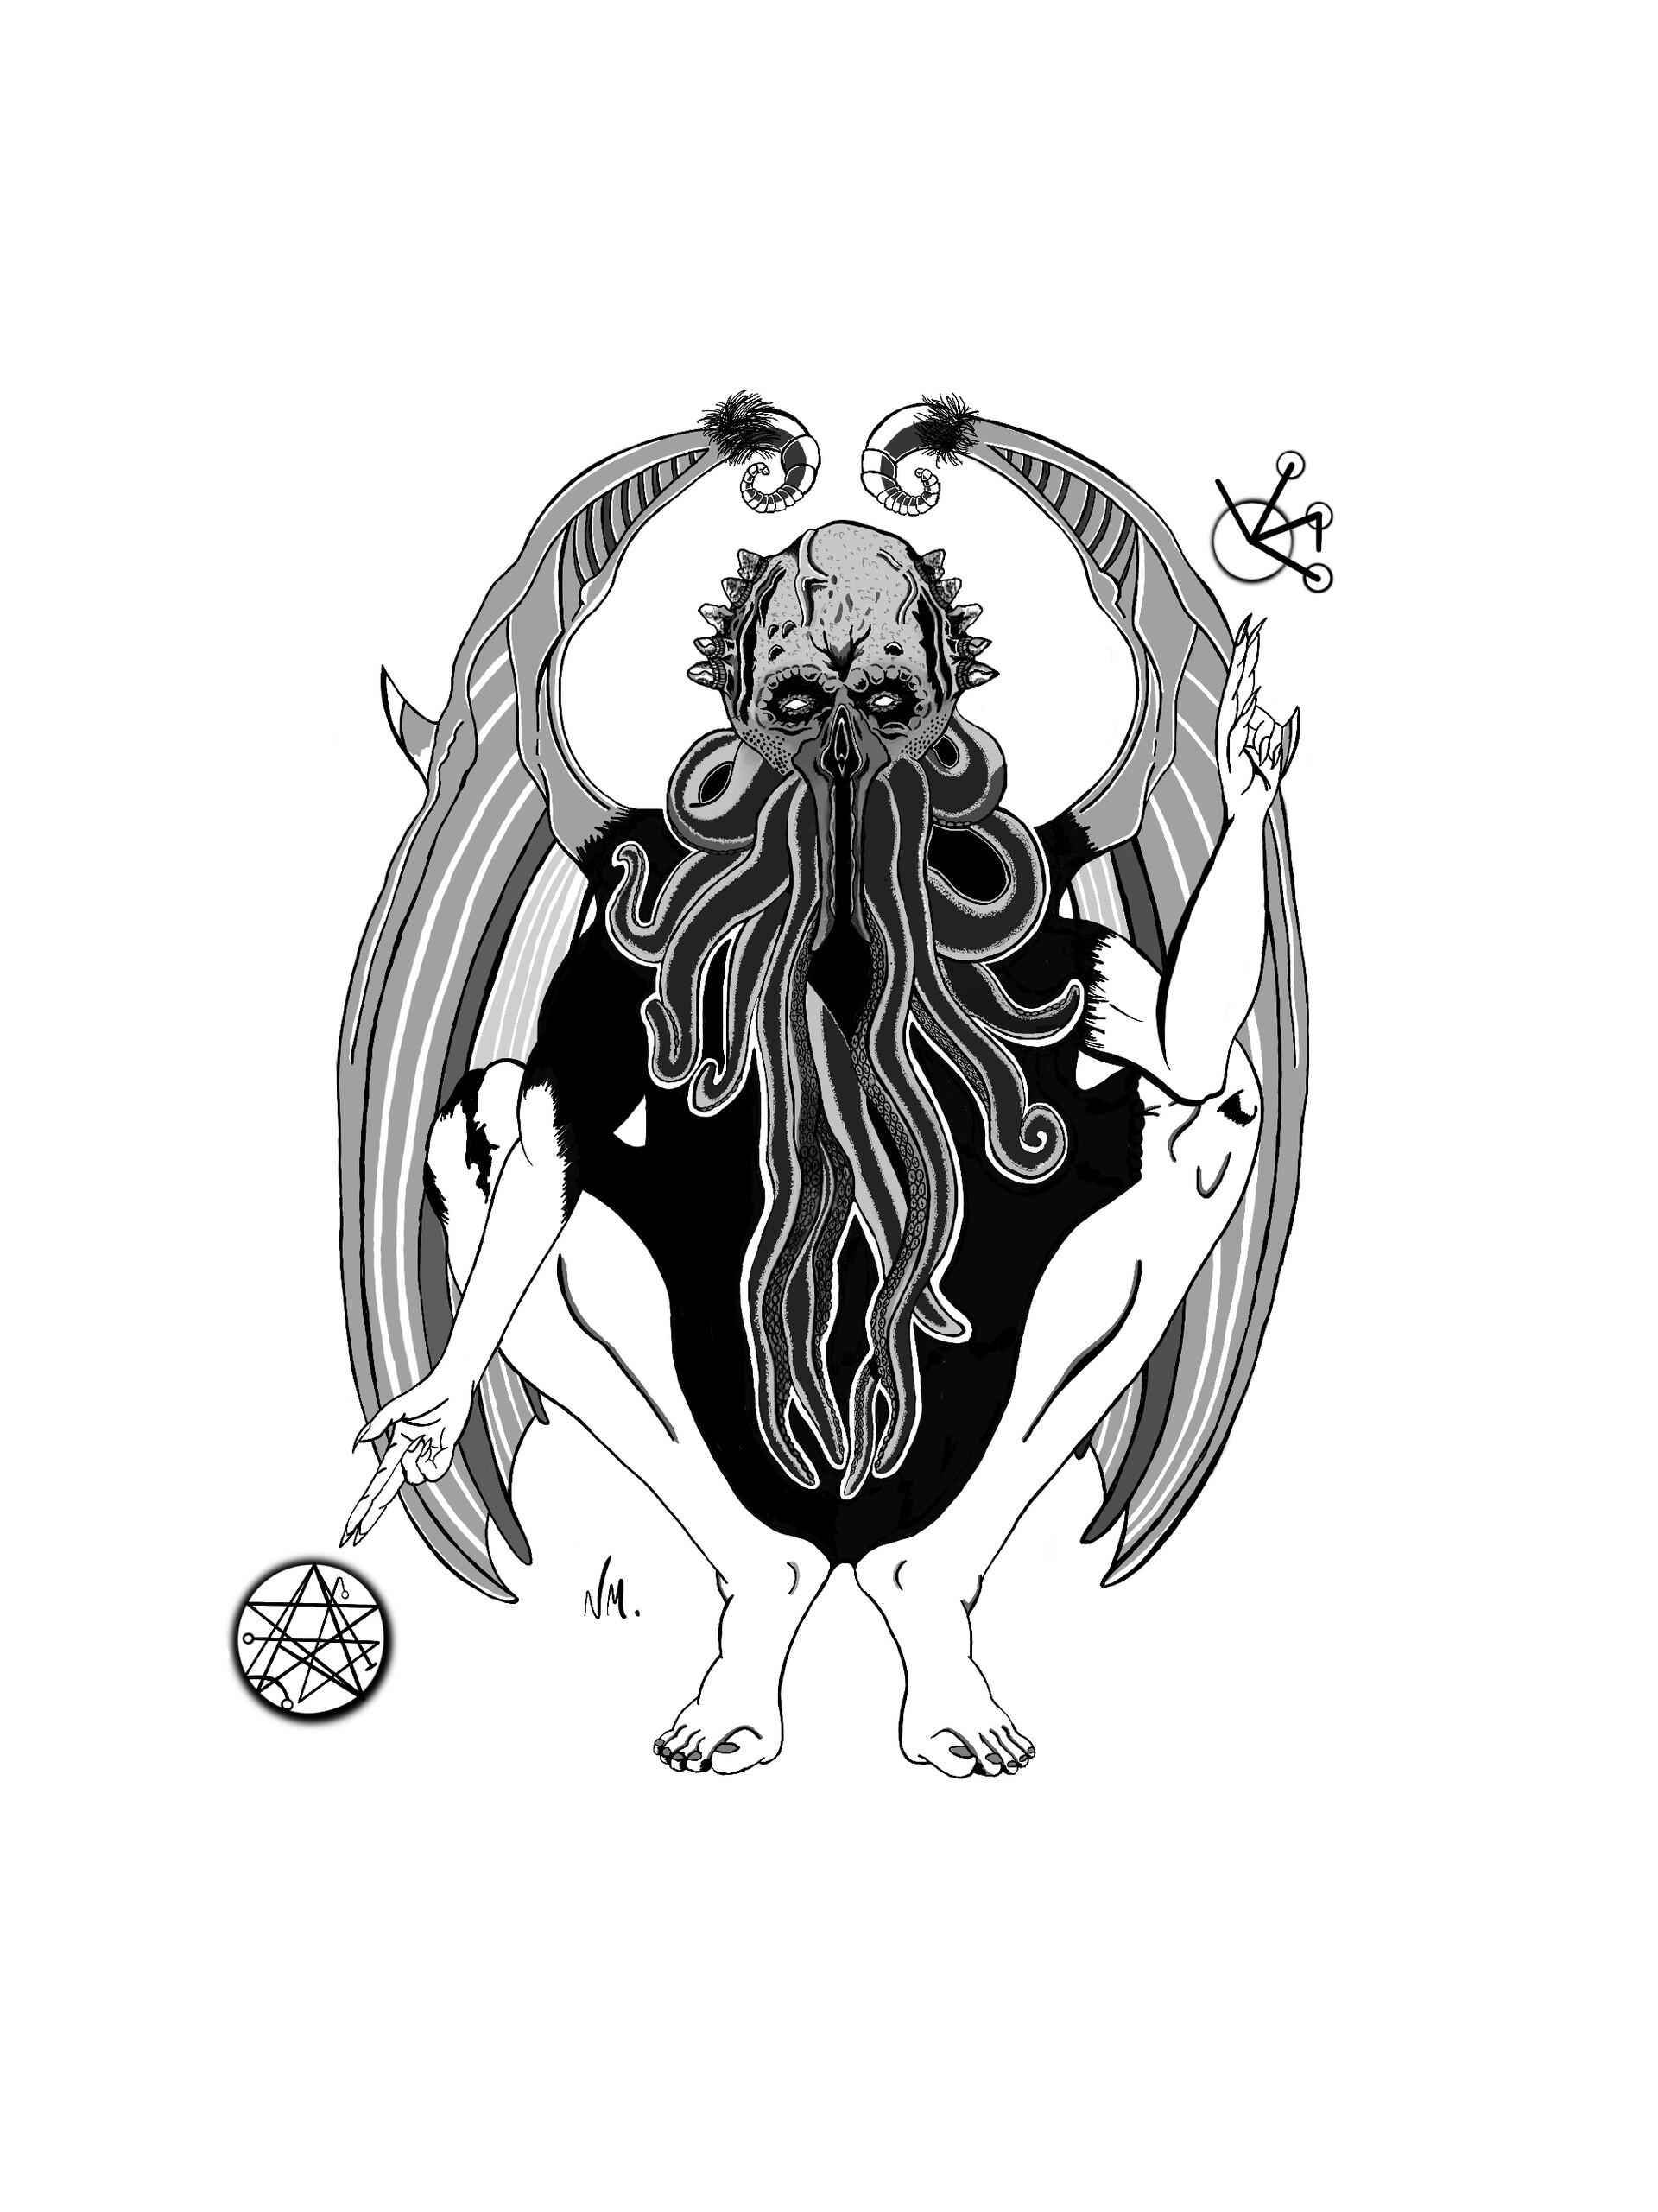 noodle   - Cthulhu - tattoo